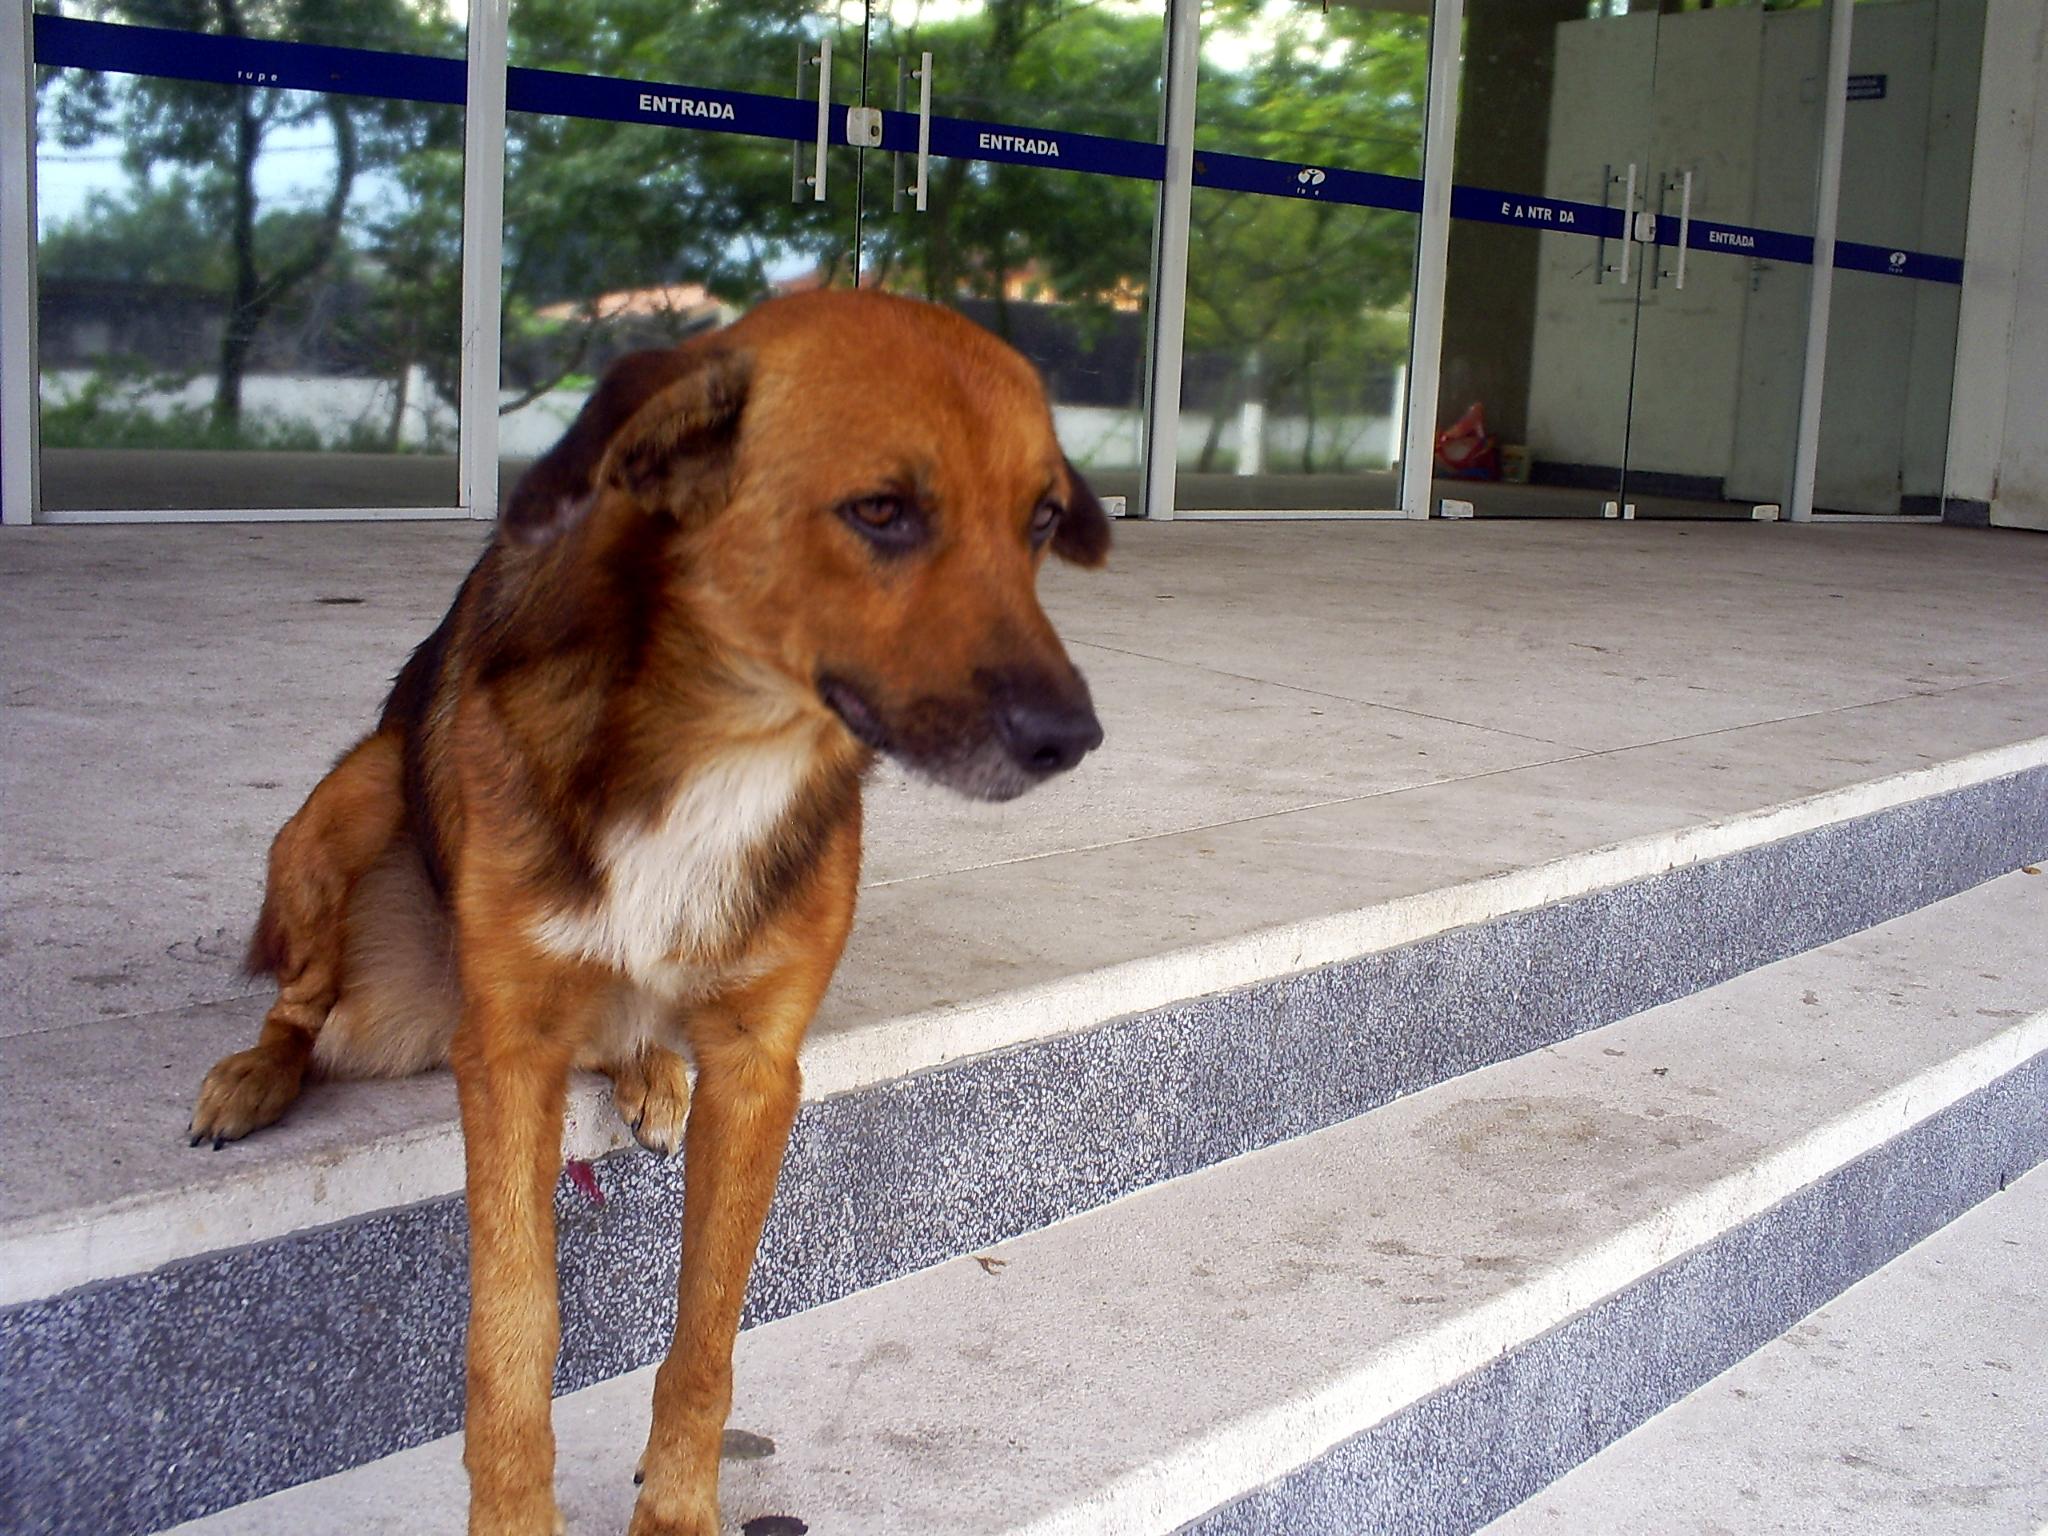 Há apenas um segurança cuidando do local, mas esta simpática cadelinha dá uma patinha, quer dizer, uma mãozinha.